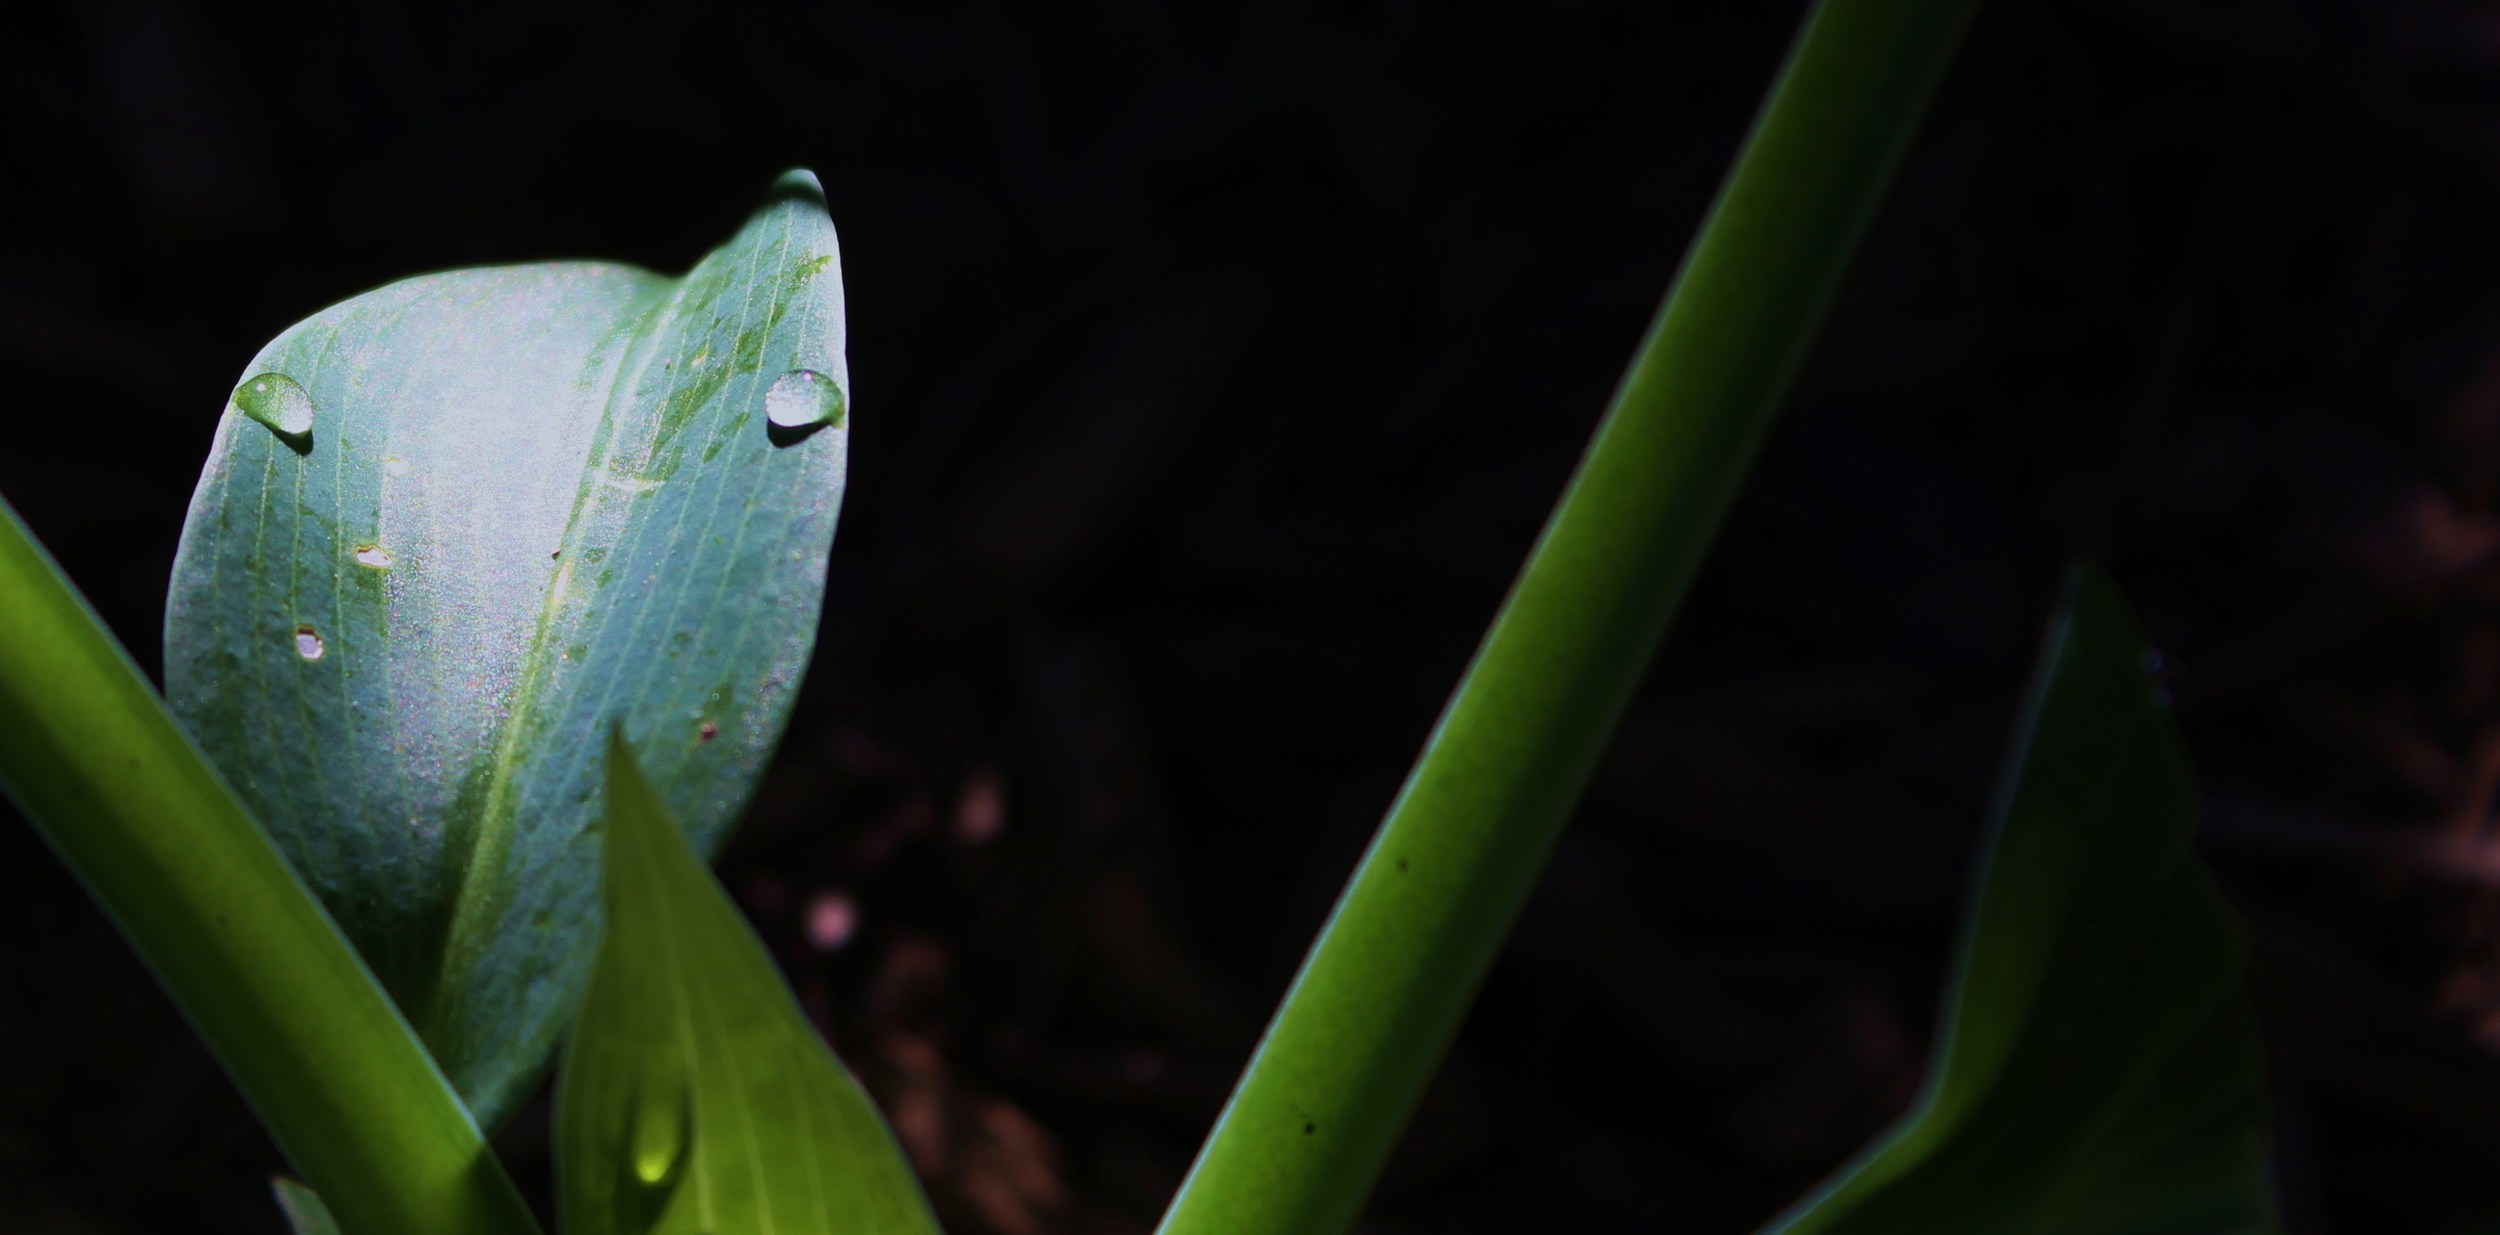 06 Dew on Leaf.JPG